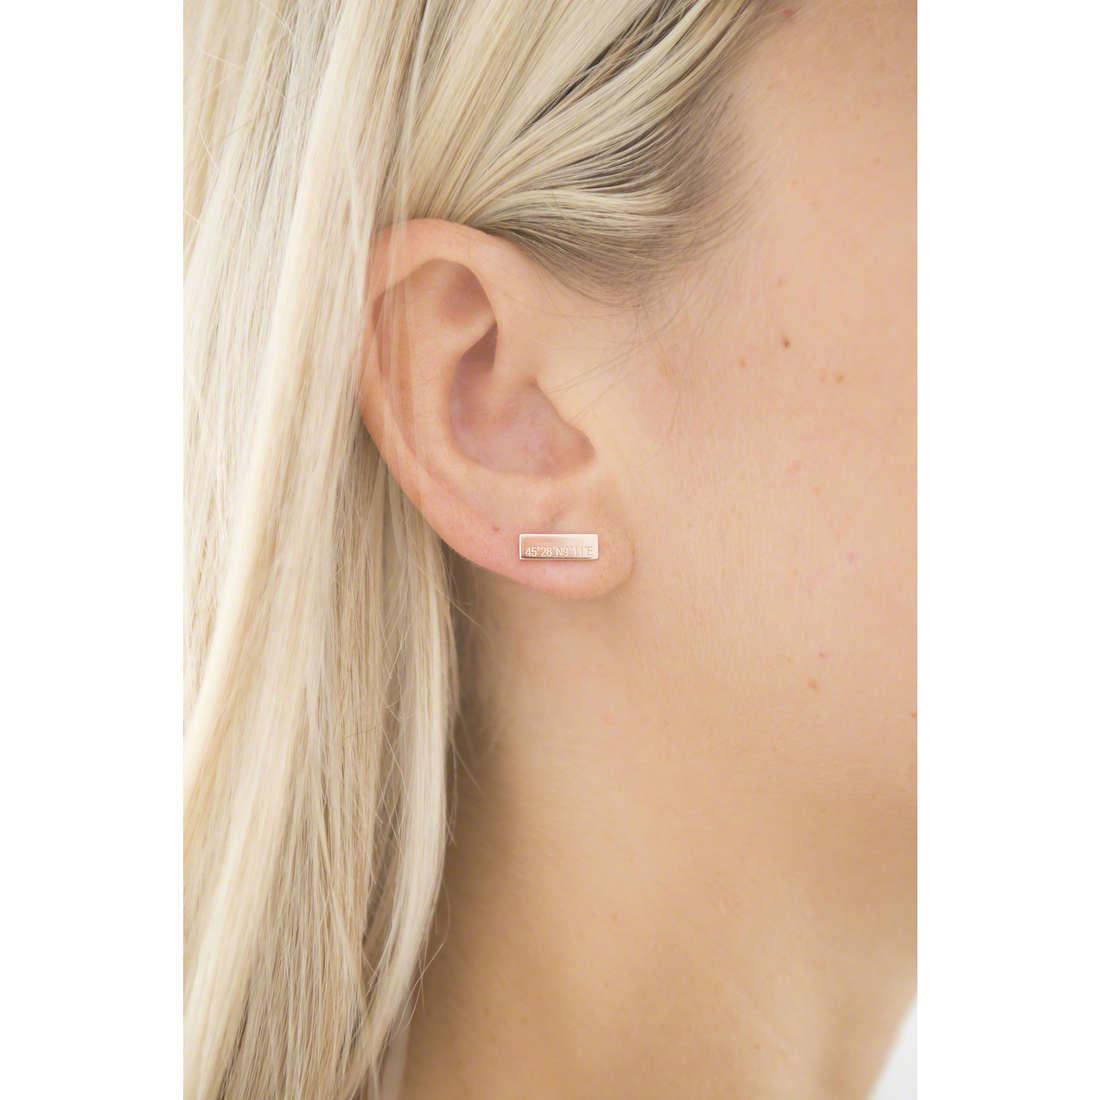 Emporio Armani orecchini donna EG3307221 indosso